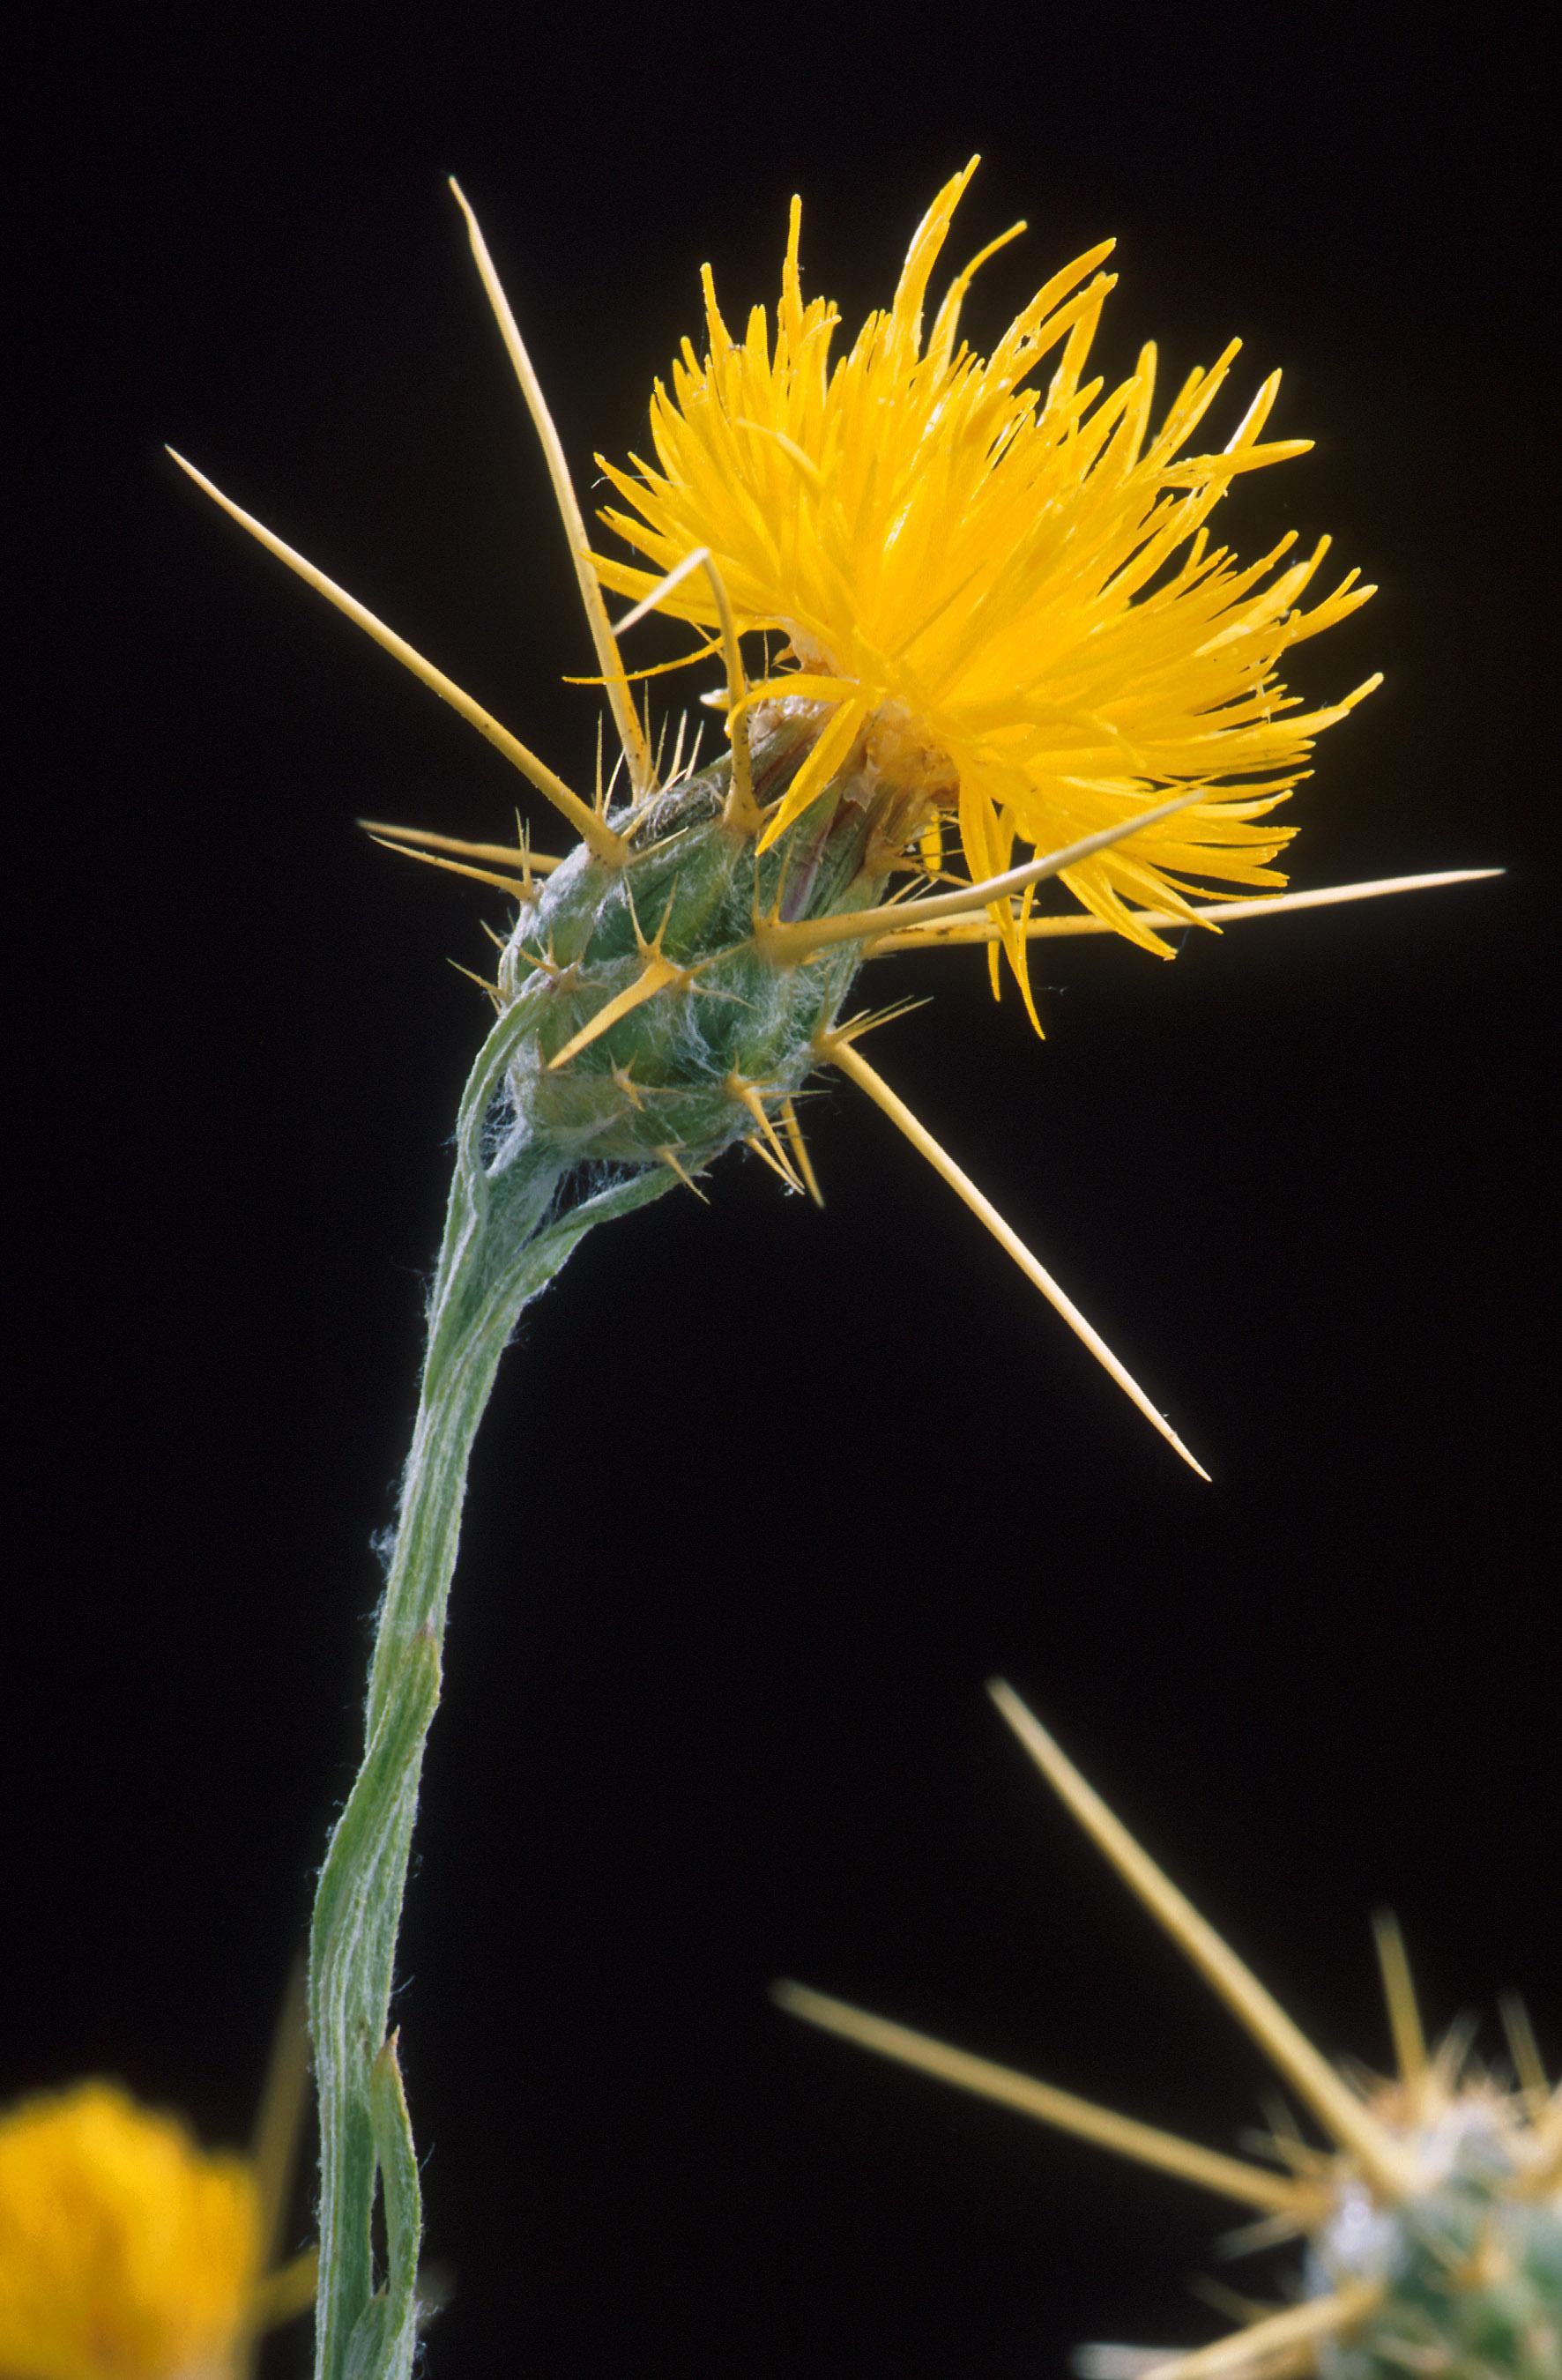 Centaurea solstitialis wikipedia yellow star thistle flower mightylinksfo